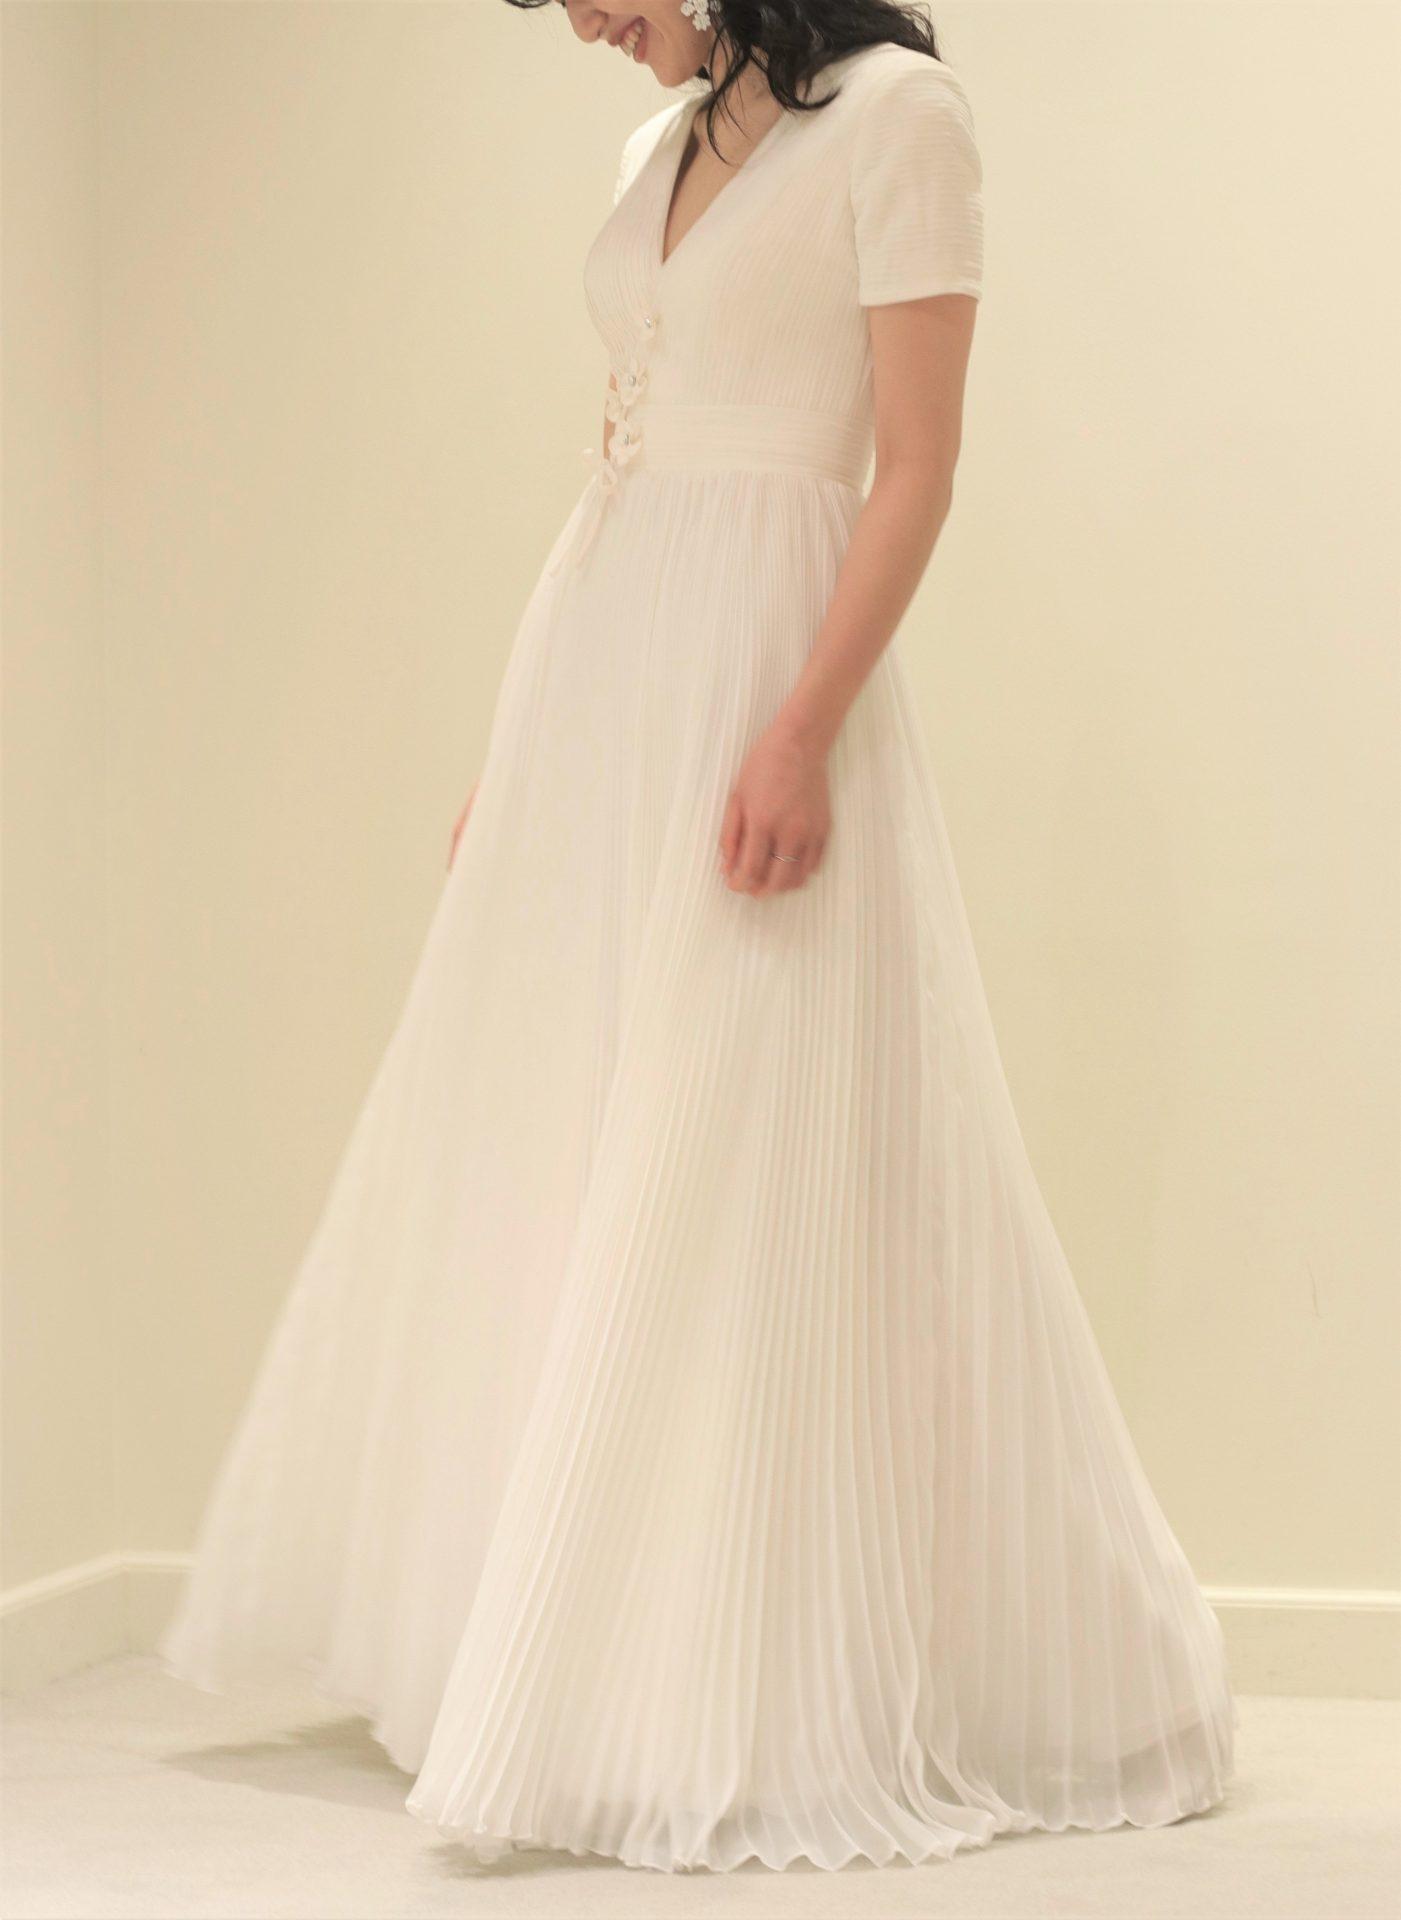 ヴィクターアンドロルフマリアージュの新作ウェディングドレスはスカートに細かなプリーツが施されたエレガントな印象を与え、ボリュームはすっきりしているためカジュアルでアットホームなお式におすすめの1着です